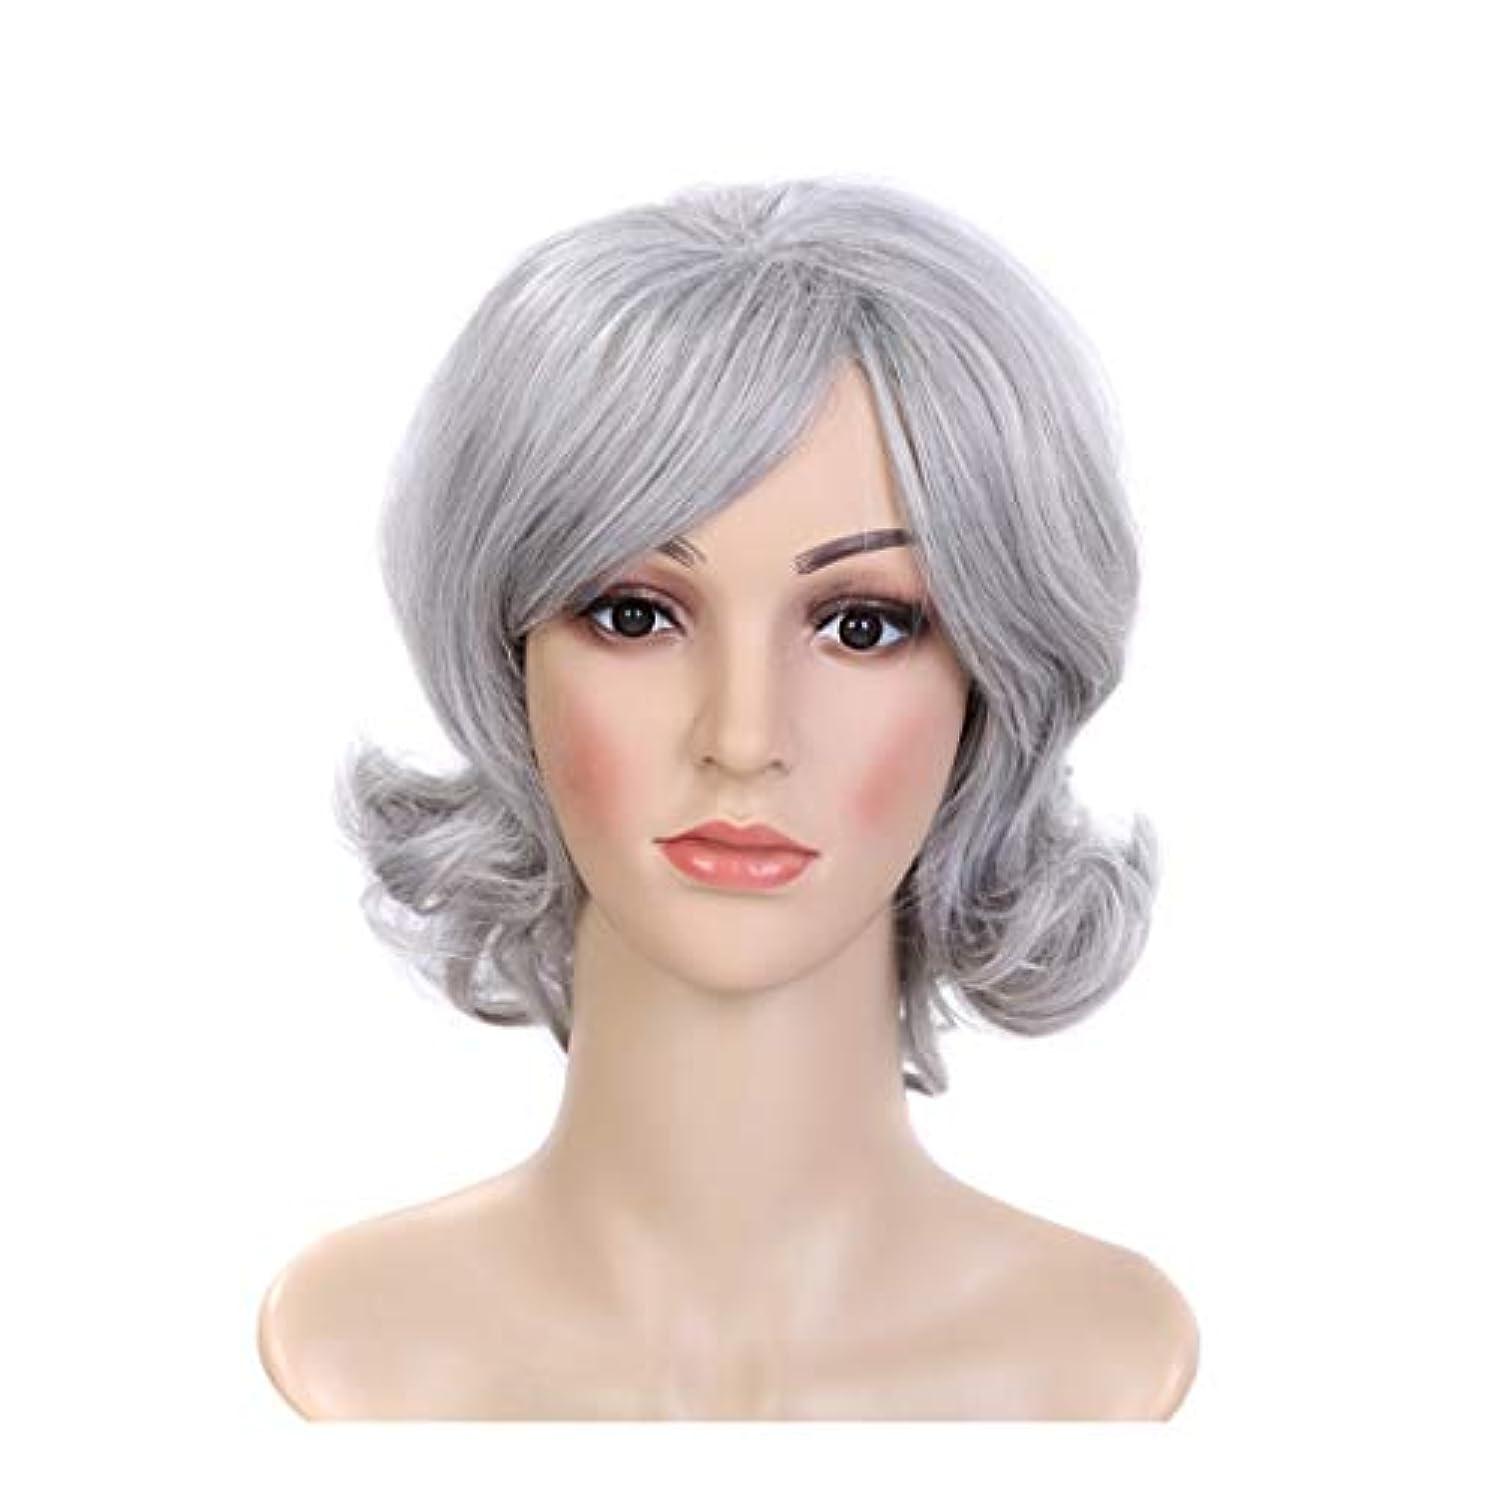 雷雨発掘する借りているYOUQIU ホワイト色のウィッグ女性の女の子のかつらのためのショートカーリーヘア合成ふわふわフルウィッグ (色 : Silver grey/grand ash)